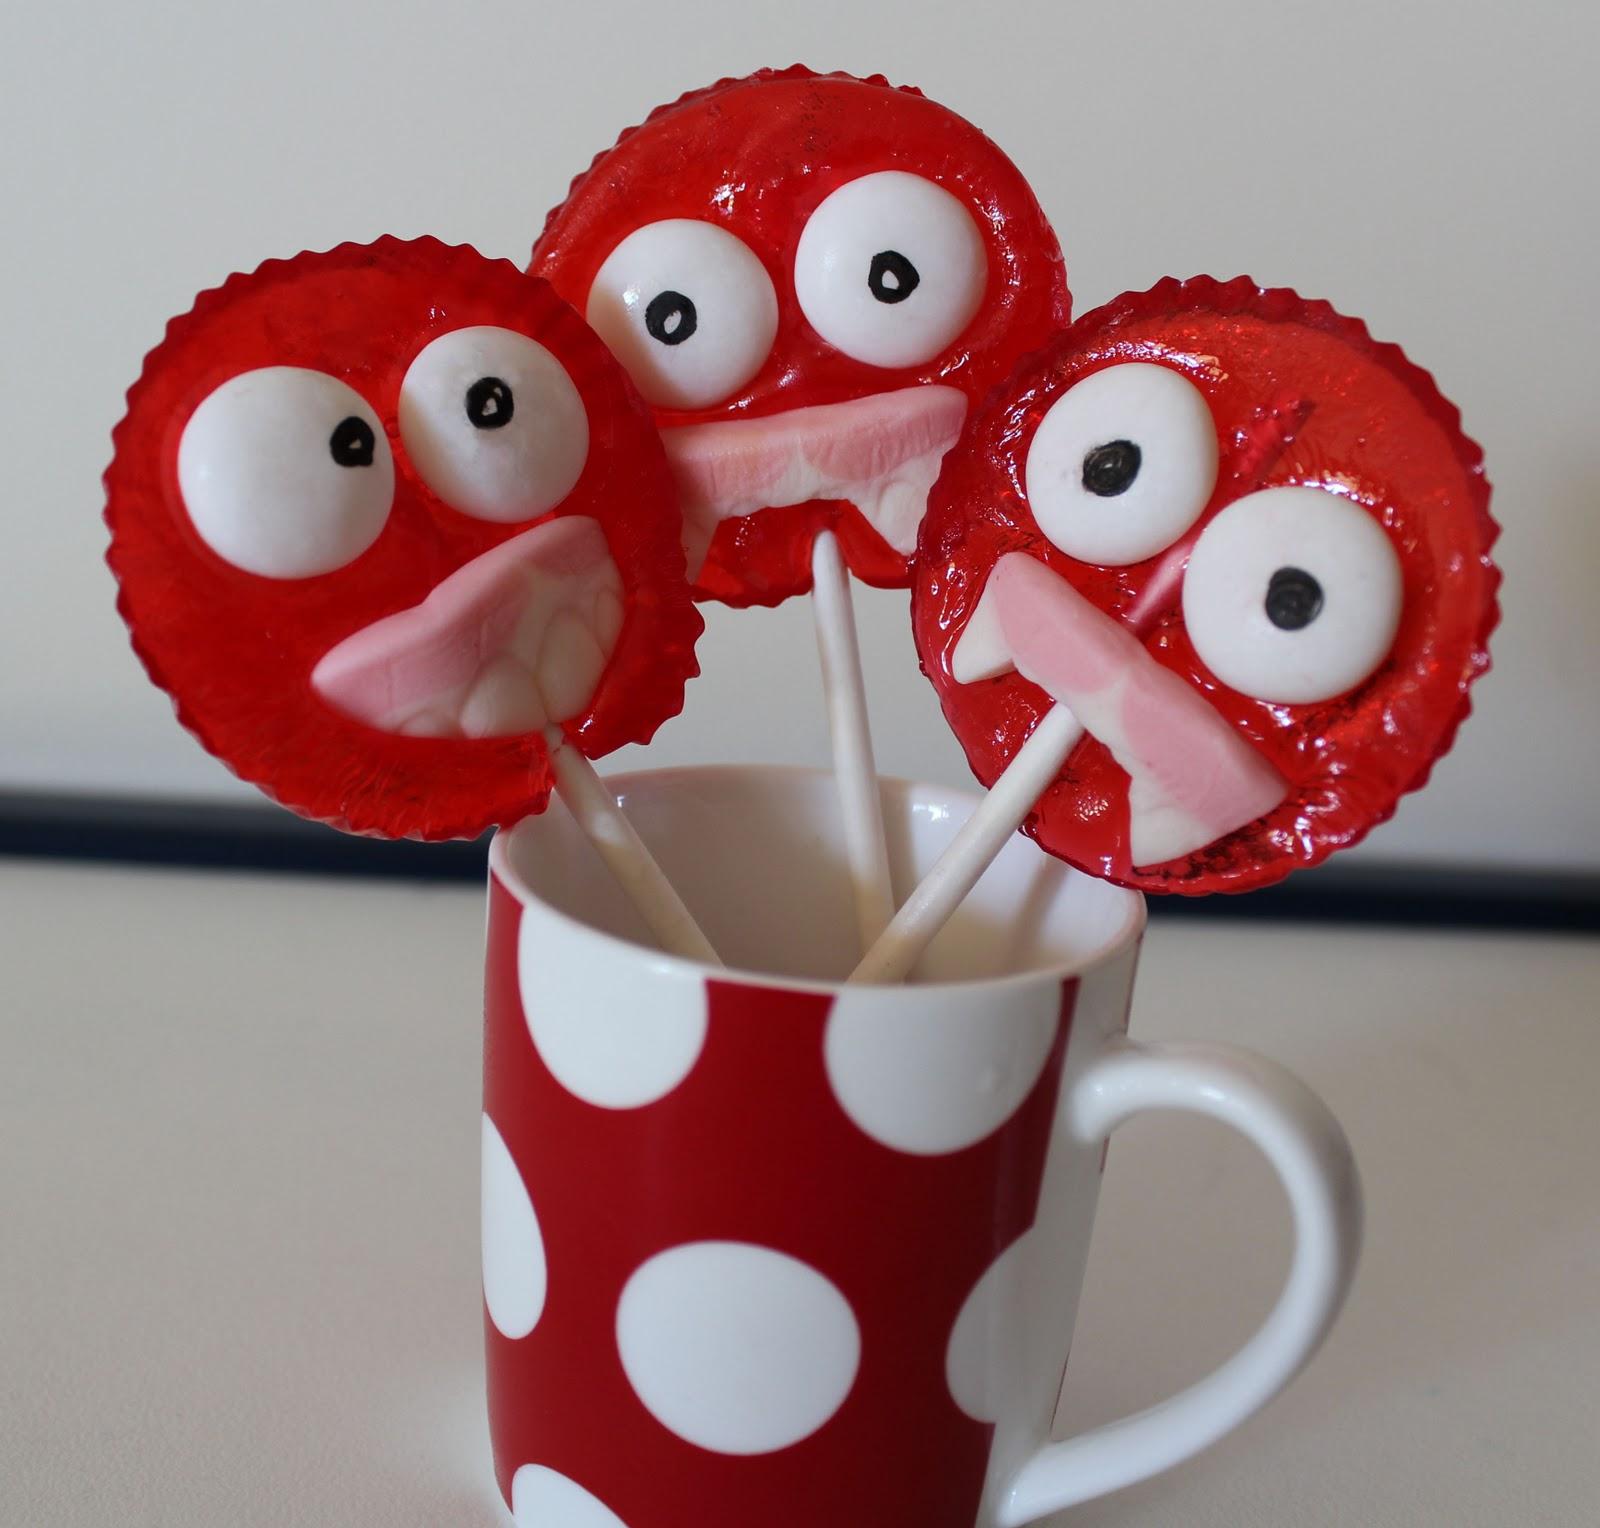 maker*land: How to make funny face lollipops